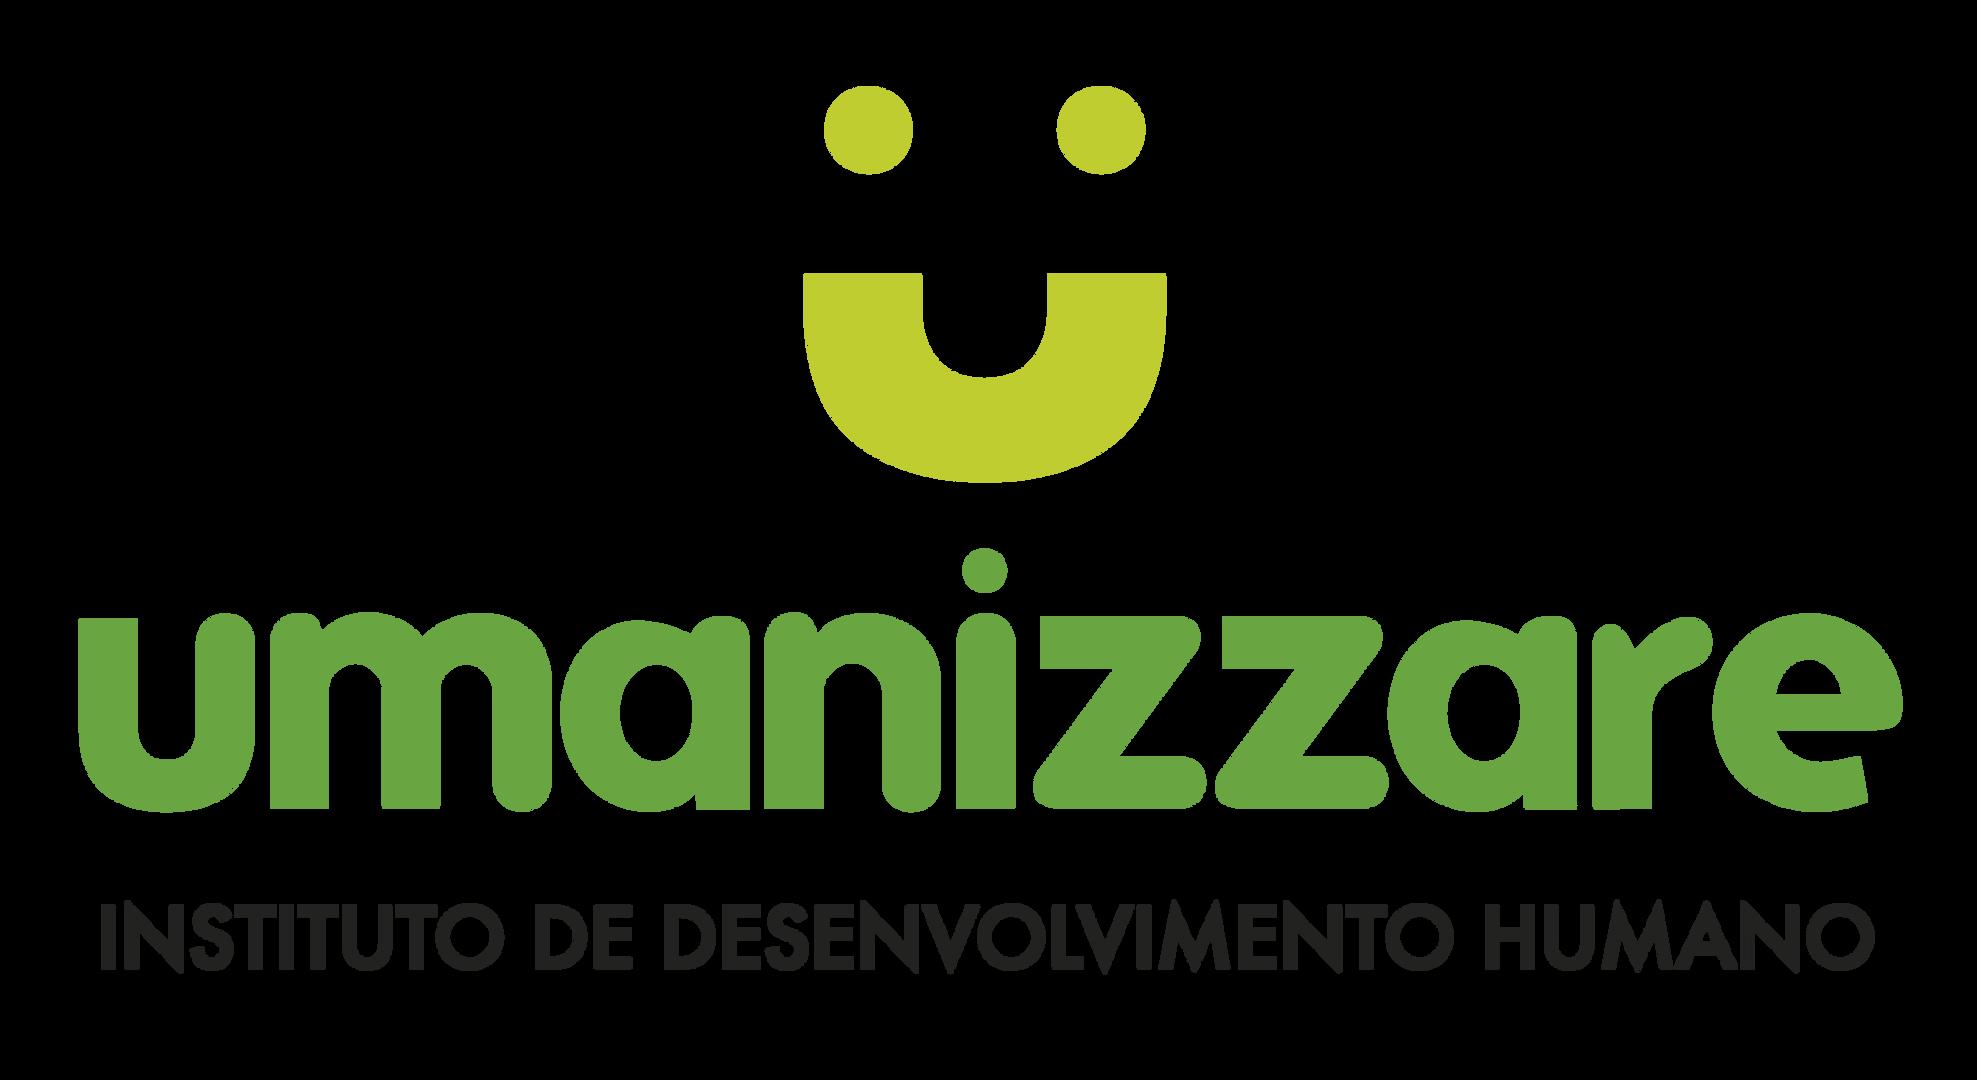 Instituto Umanizzare - Instituto de Desenvolvimento Humano